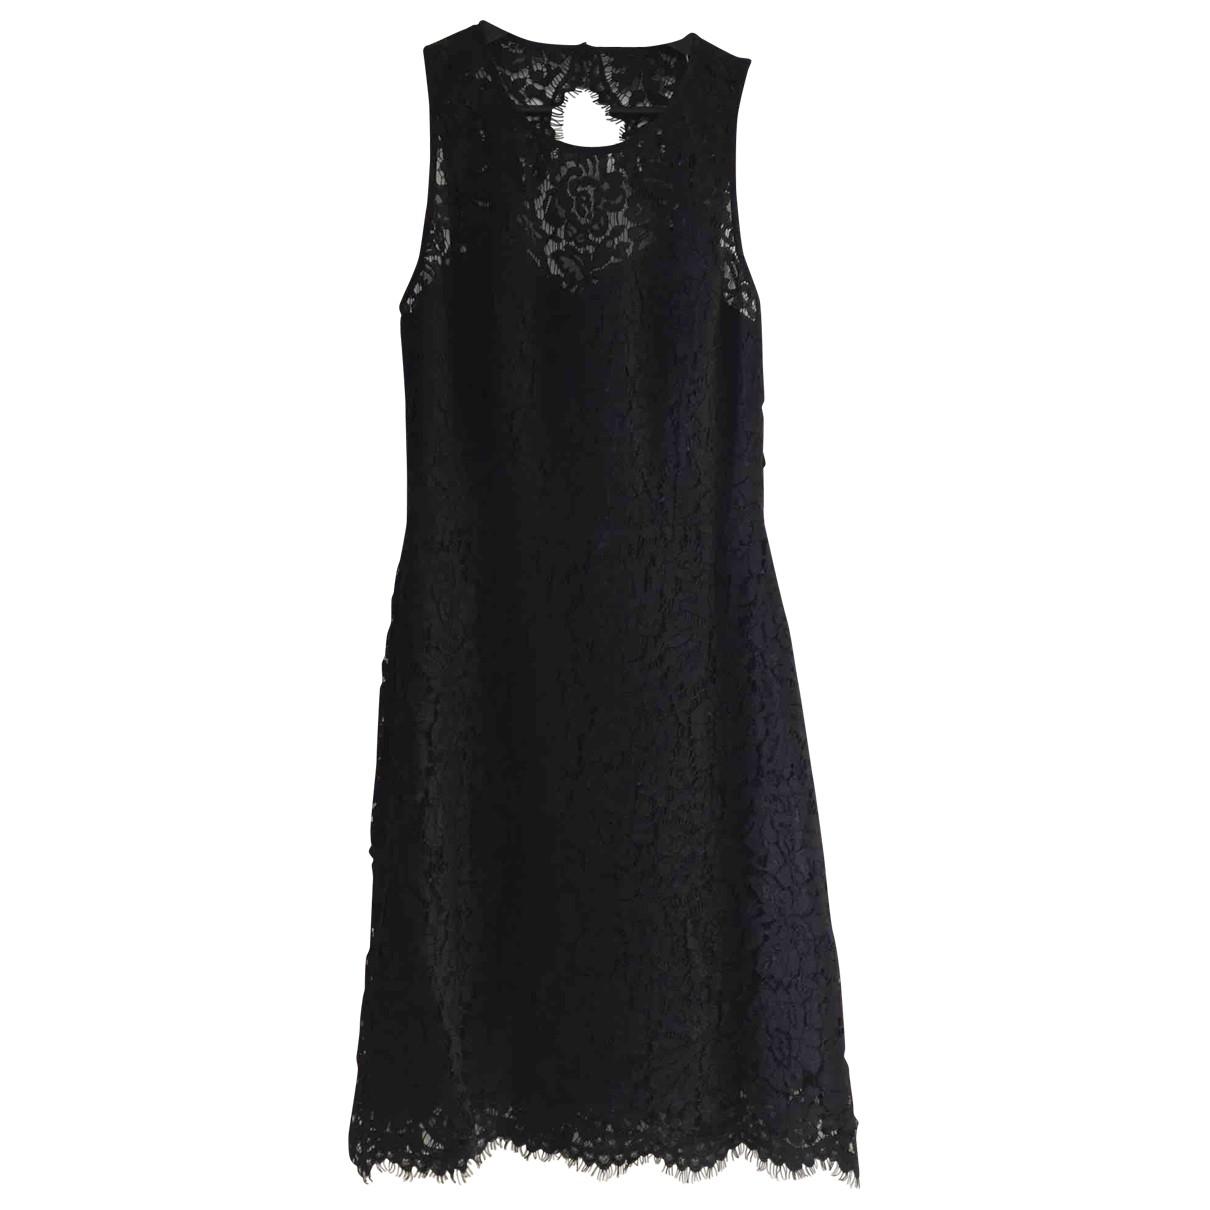 Samsoe & Samsoe \N Kleid in  Schwarz Seide